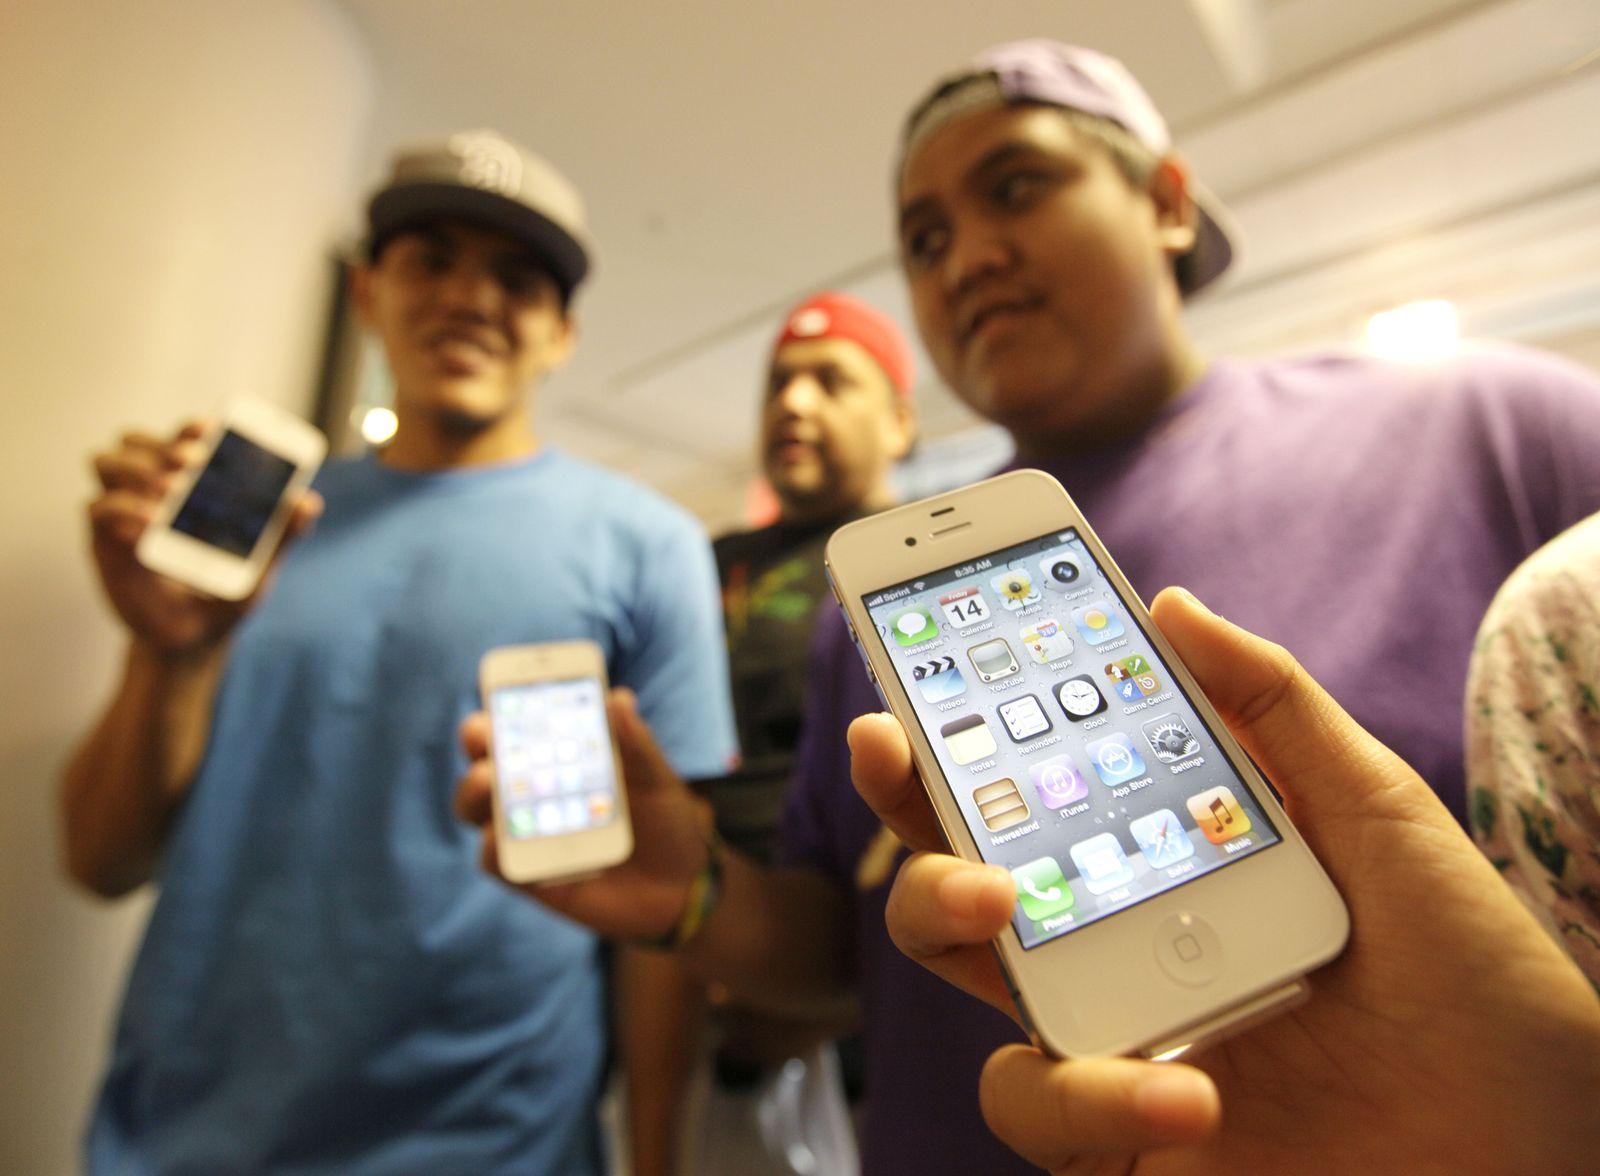 Apple / iPhone 4S